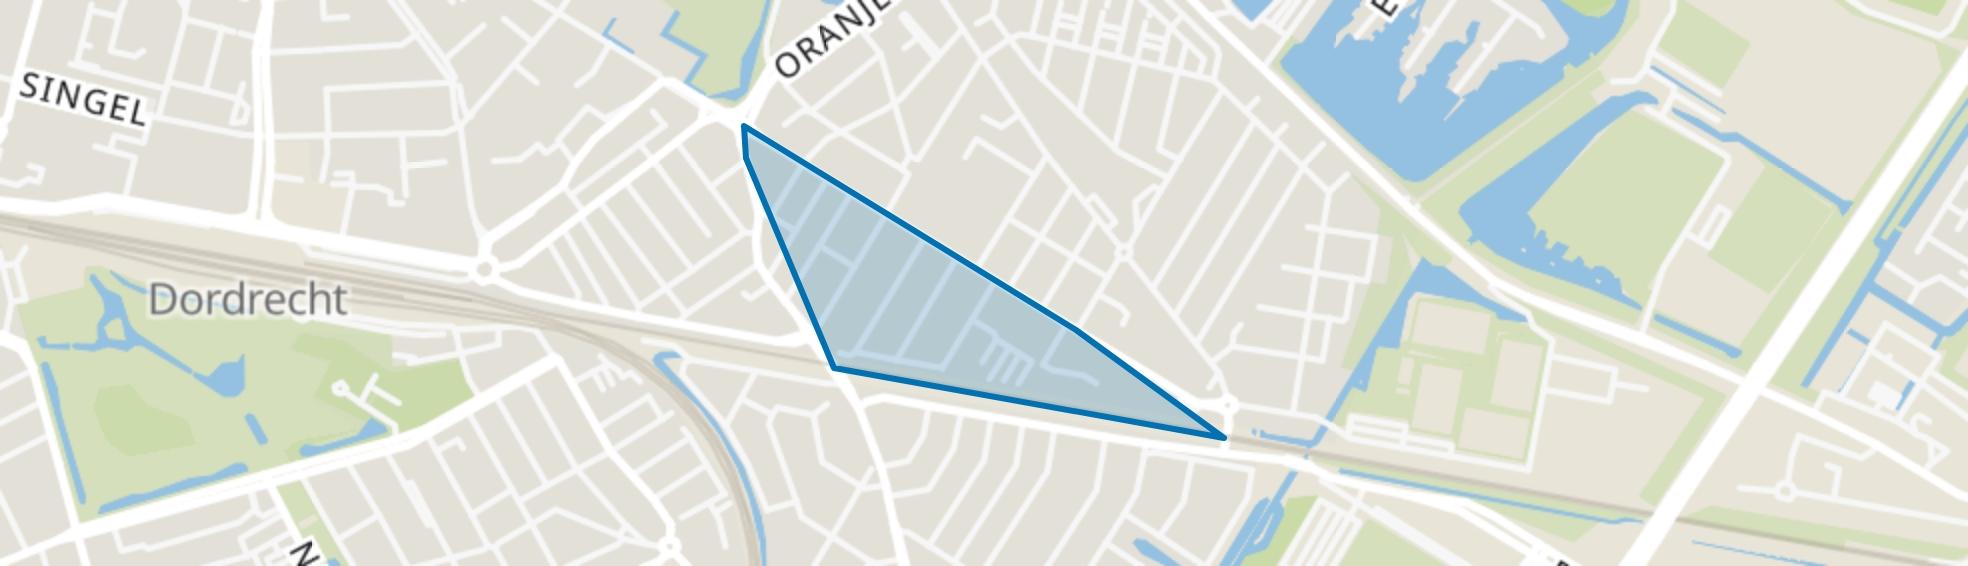 Indische Buurt-Zuid, Dordrecht map